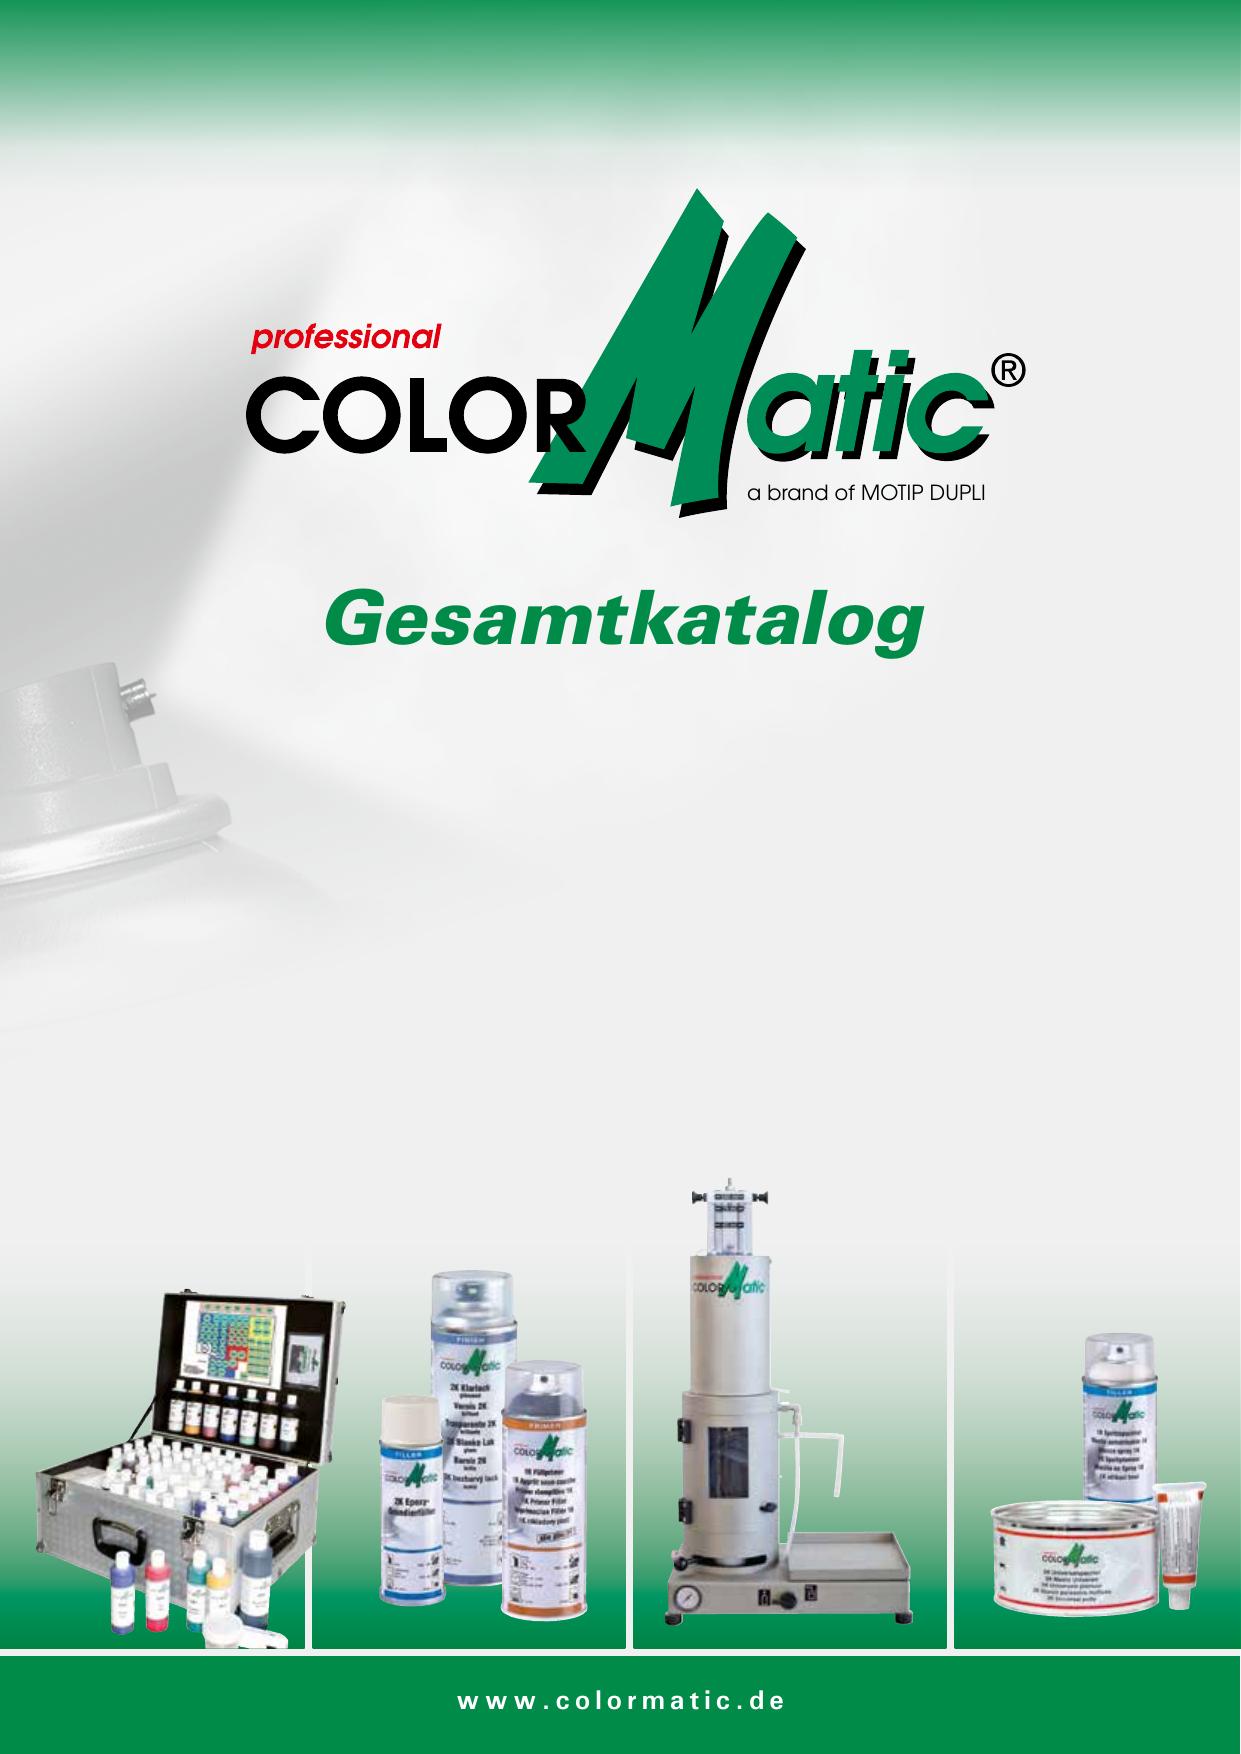 COLORMATIC lackreparatur-Set 332180